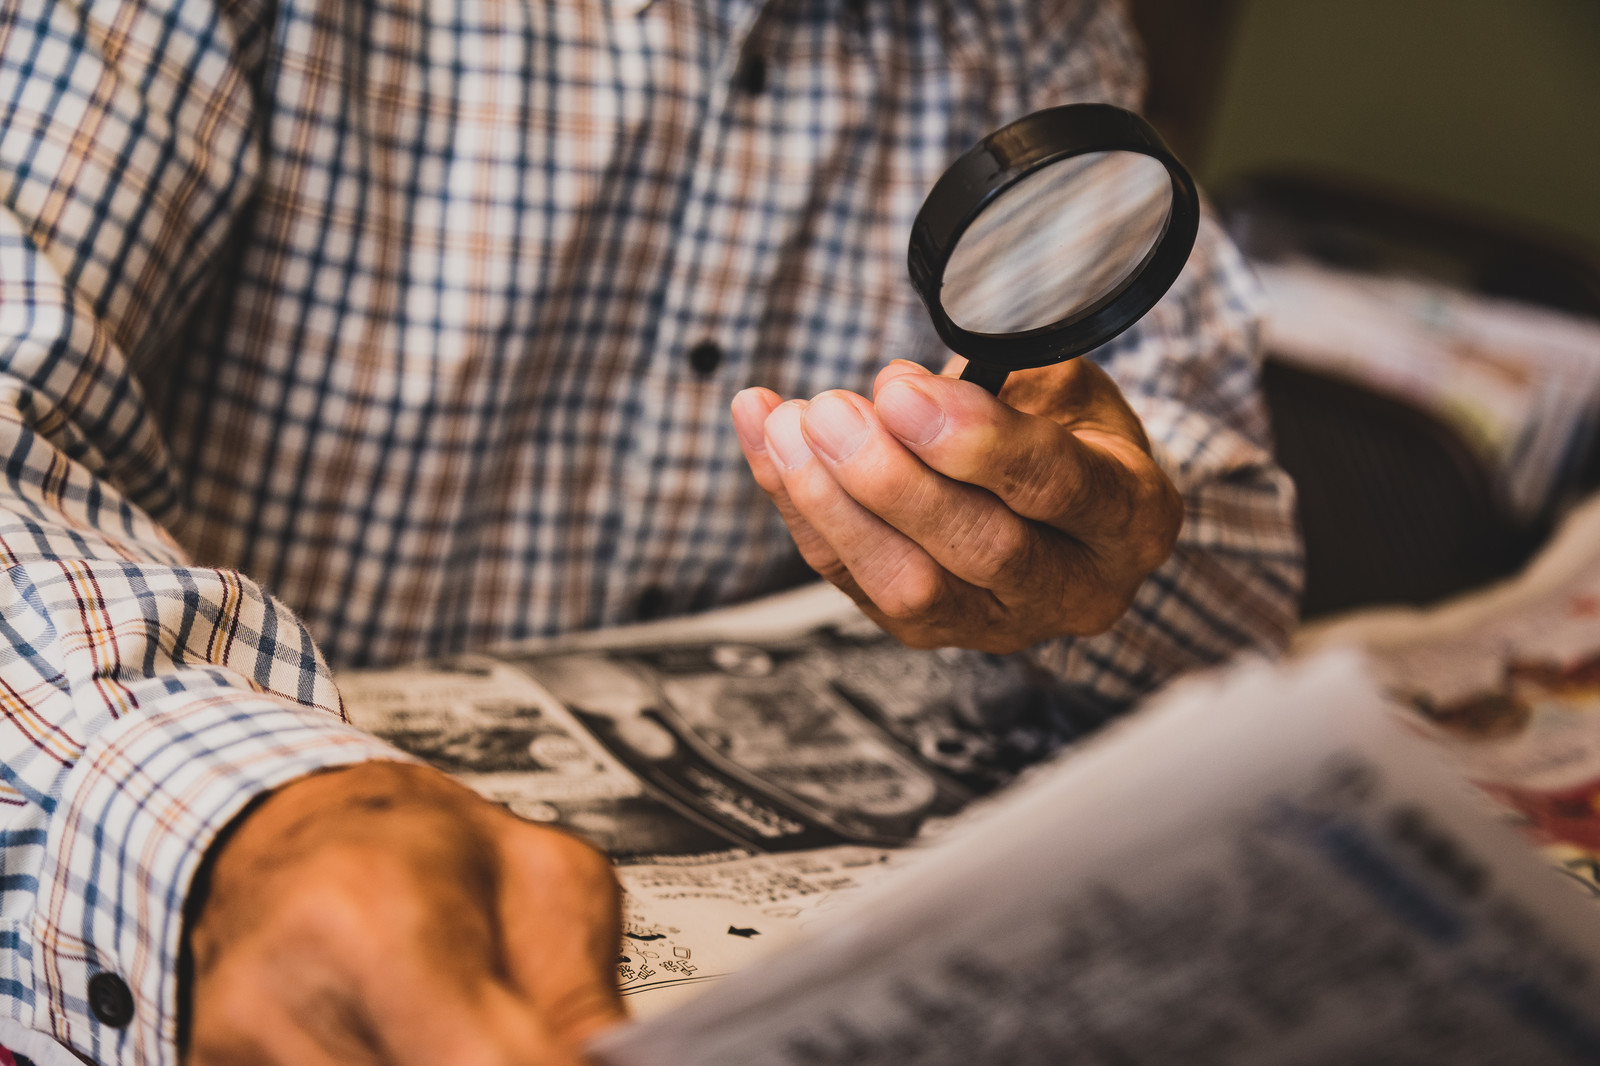 「新聞の文字が小さくて拡大鏡を使って読む(高齢者)」の写真[モデル:まーちゃん]